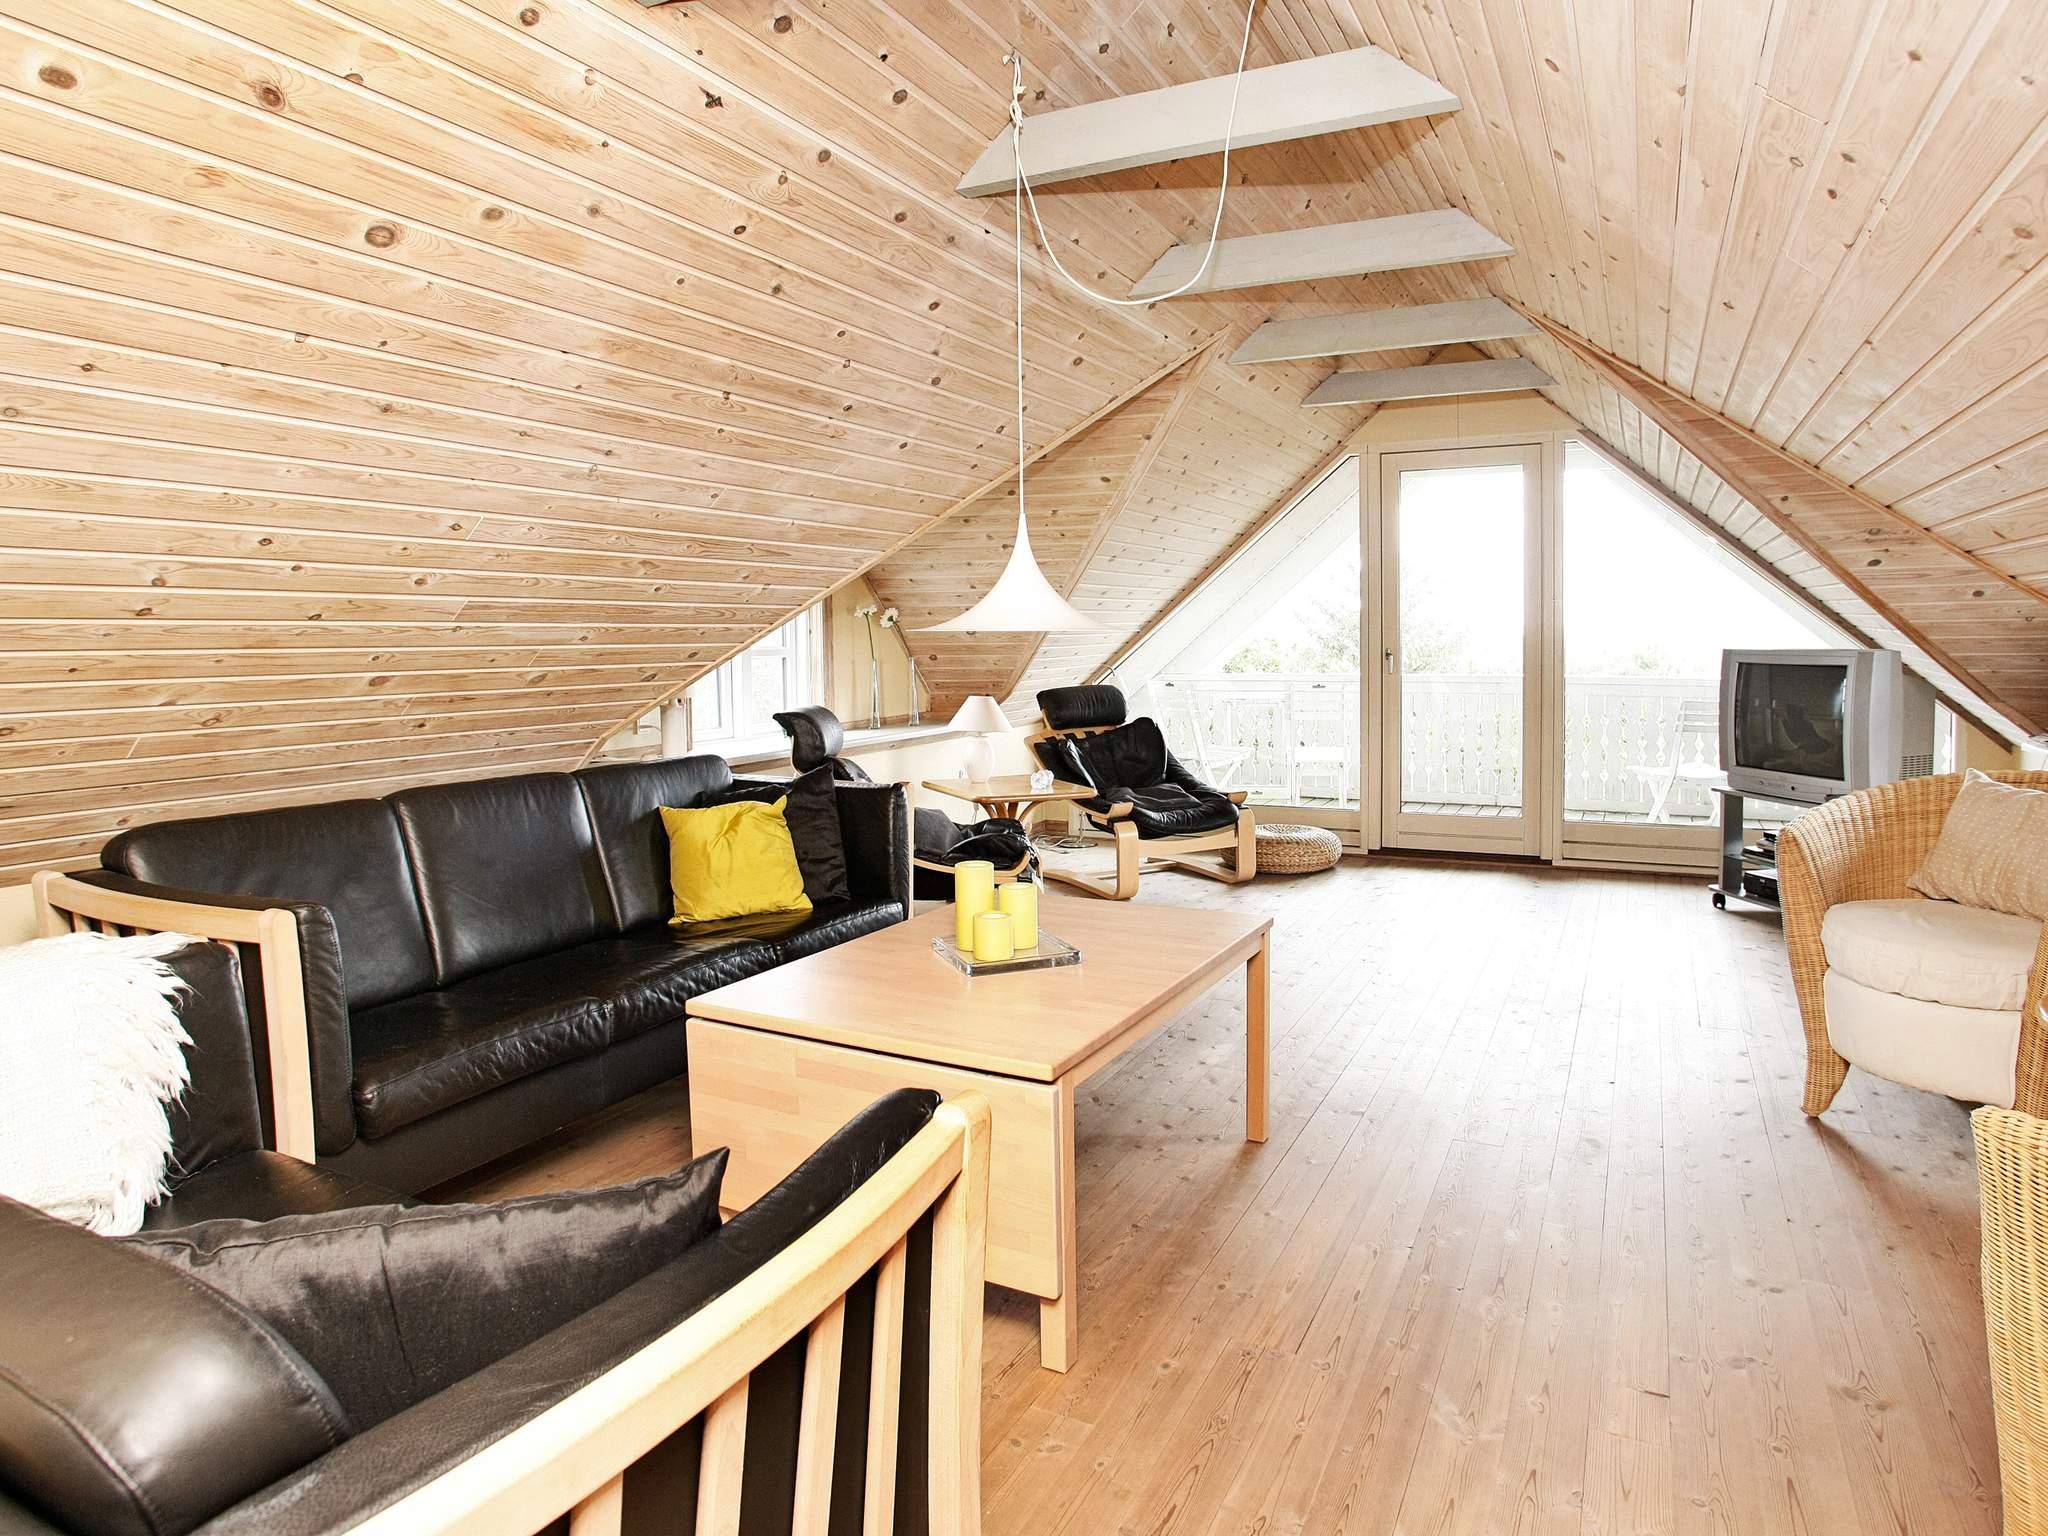 Ferienhaus Fur (83078), Fur, , Limfjord, Dänemark, Bild 2